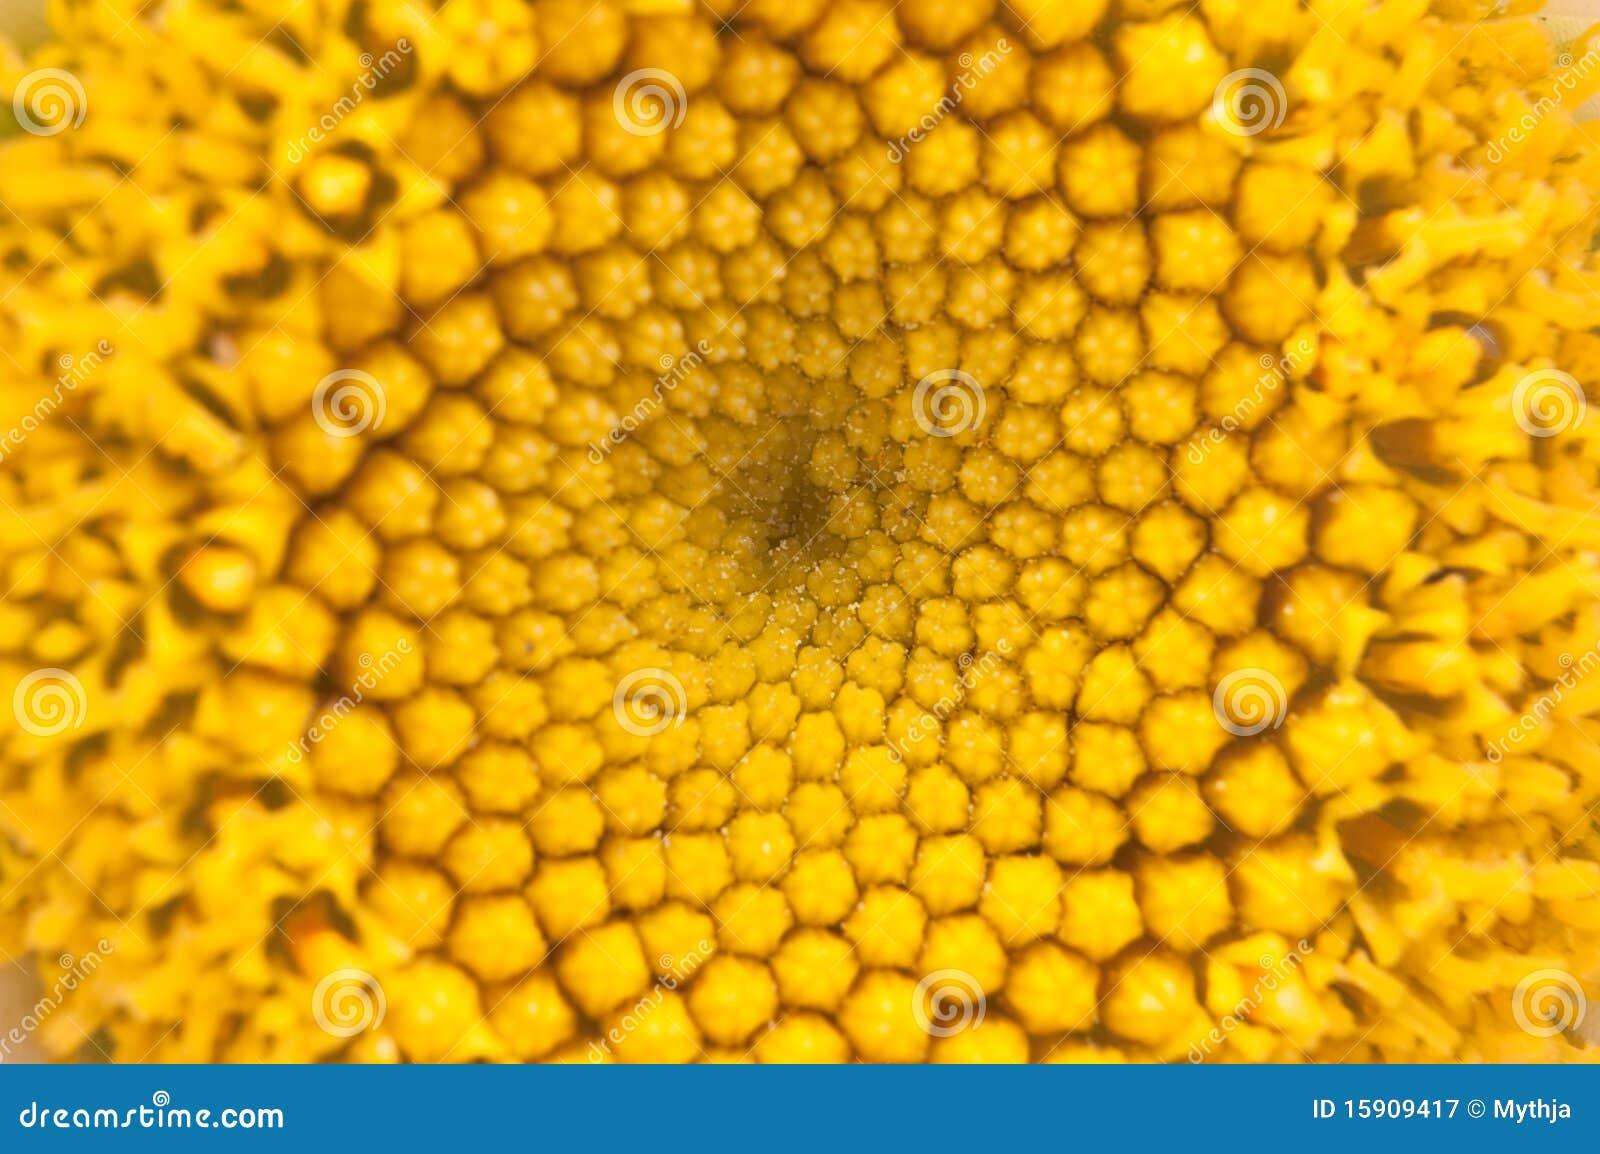 Extracto del polen